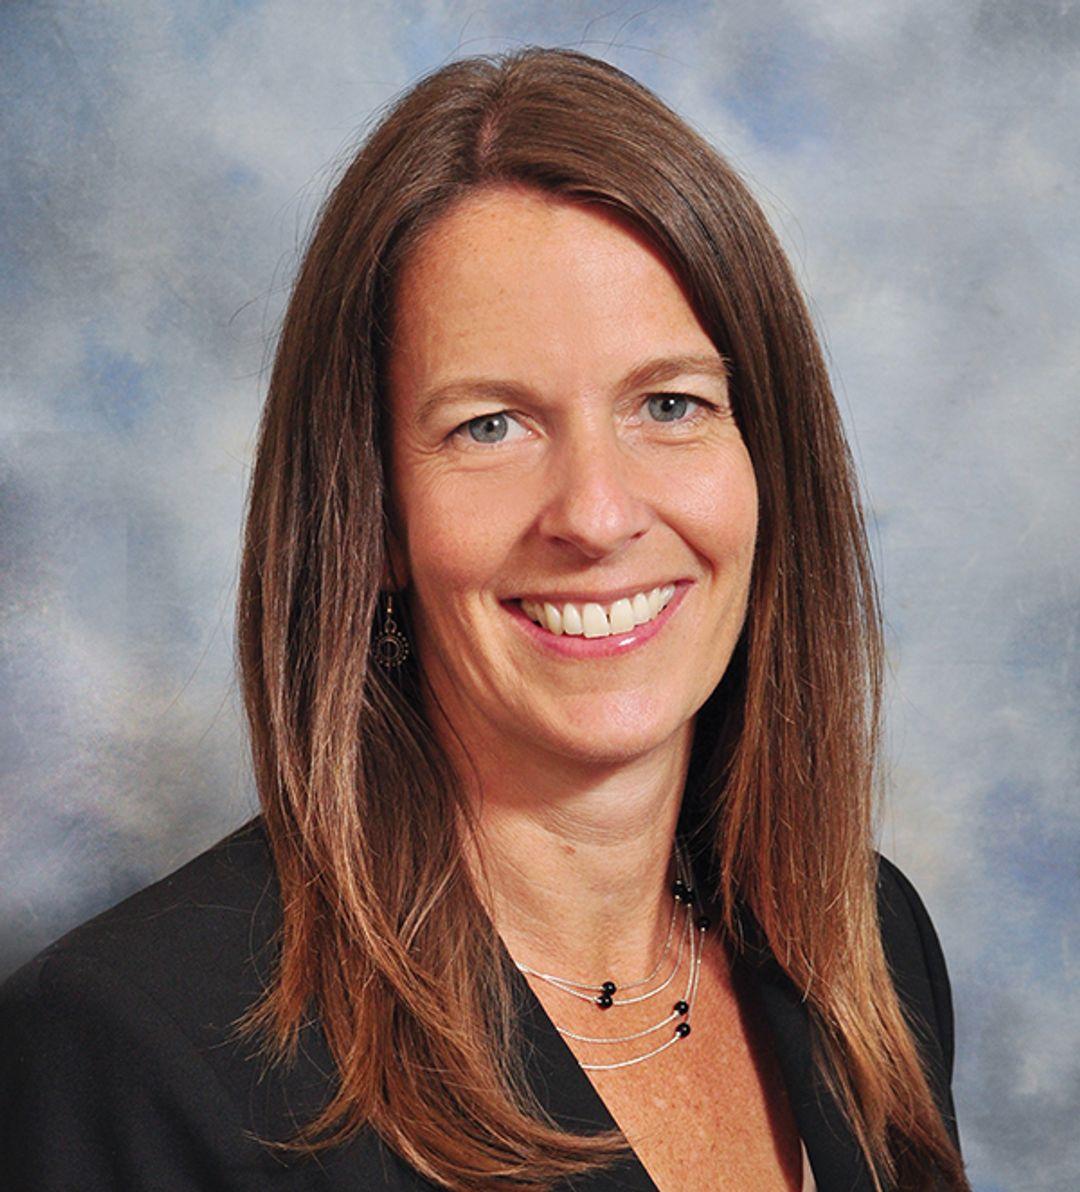 Sandra (Sandy) Hall, MSW, LISW, LMSW